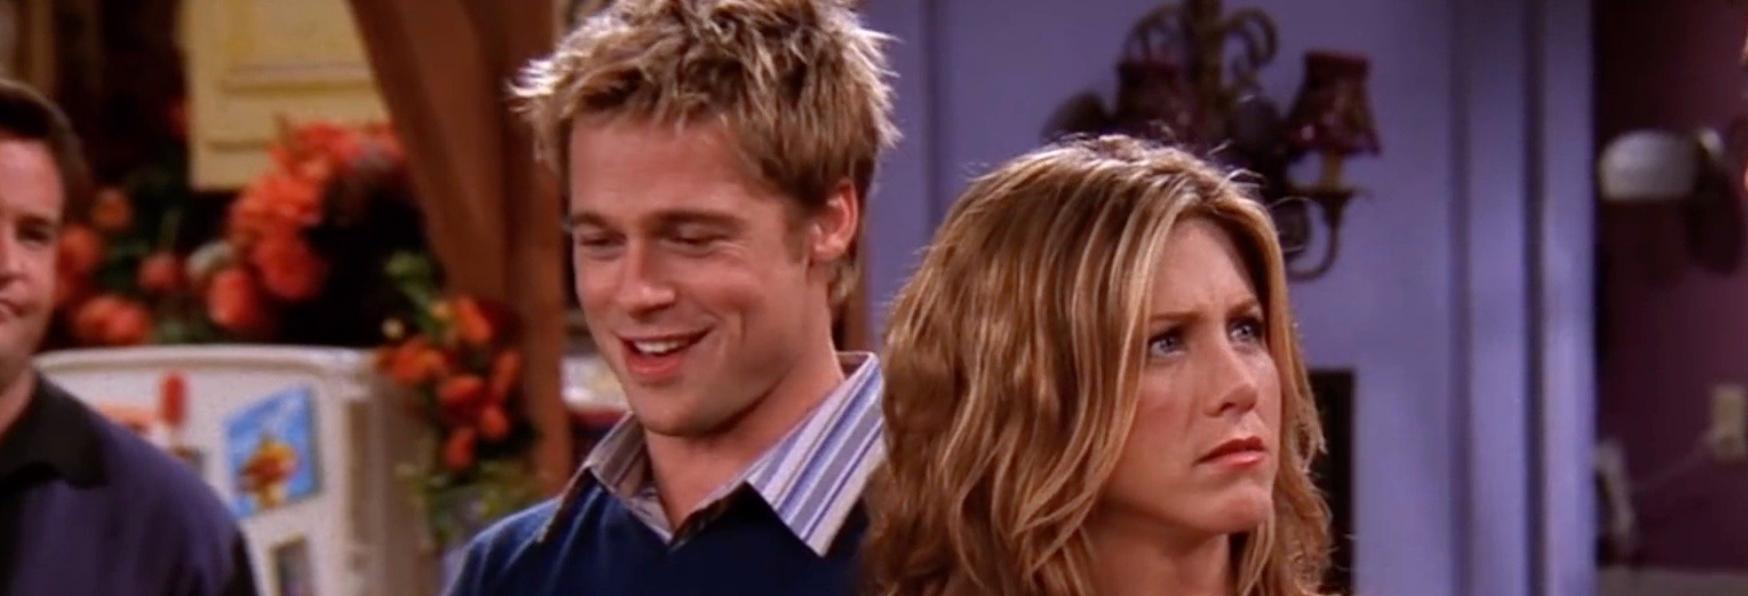 Friends: una delle Guest Star preferite di Jennifer Aniston? Brad Pitt!